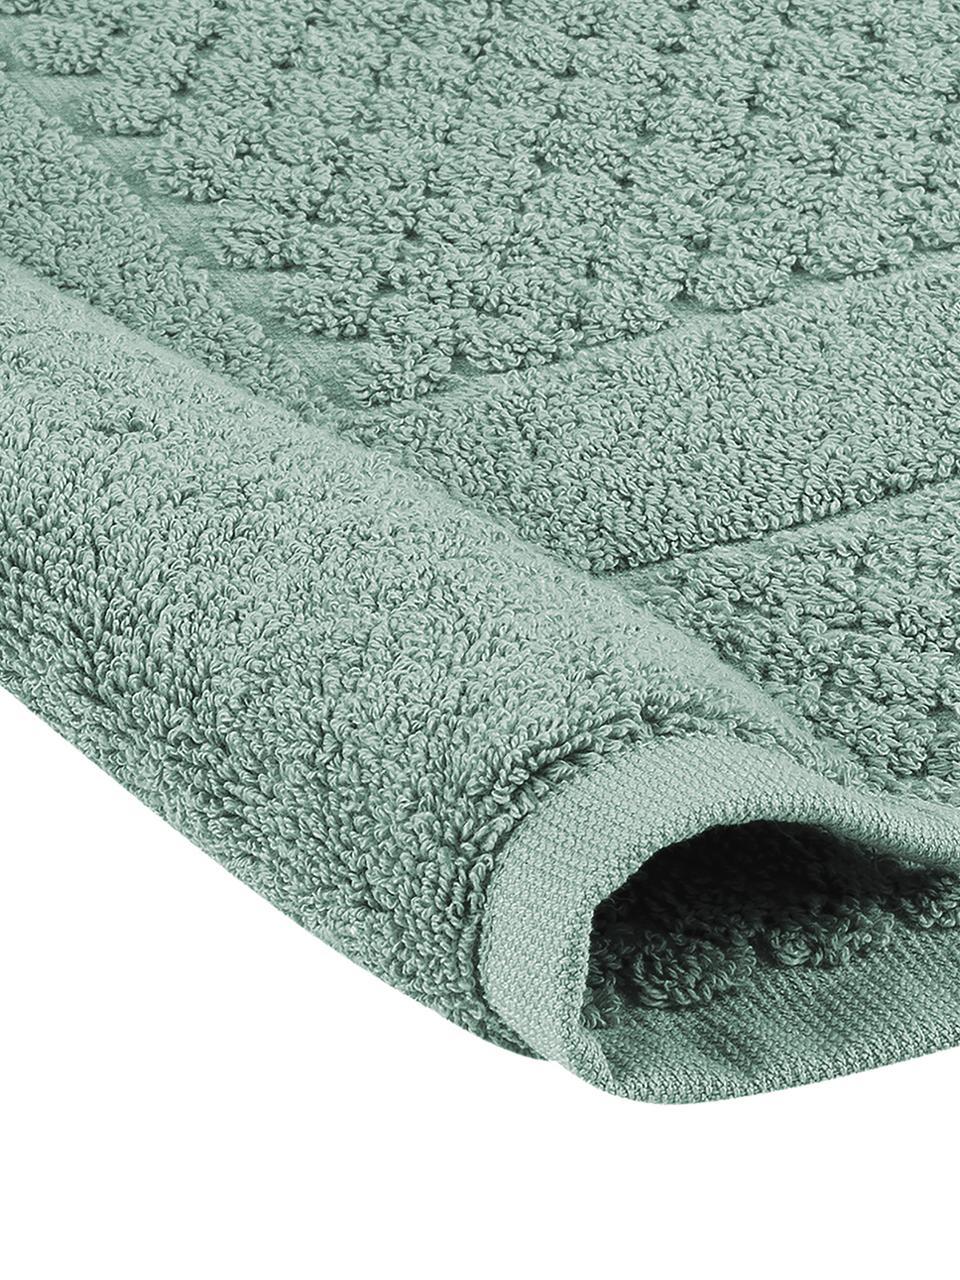 Badvorleger Katharina in Mint, 100% Baumwolle, schwere Qualität, 900 g/m², Mint, 50 x 70 cm